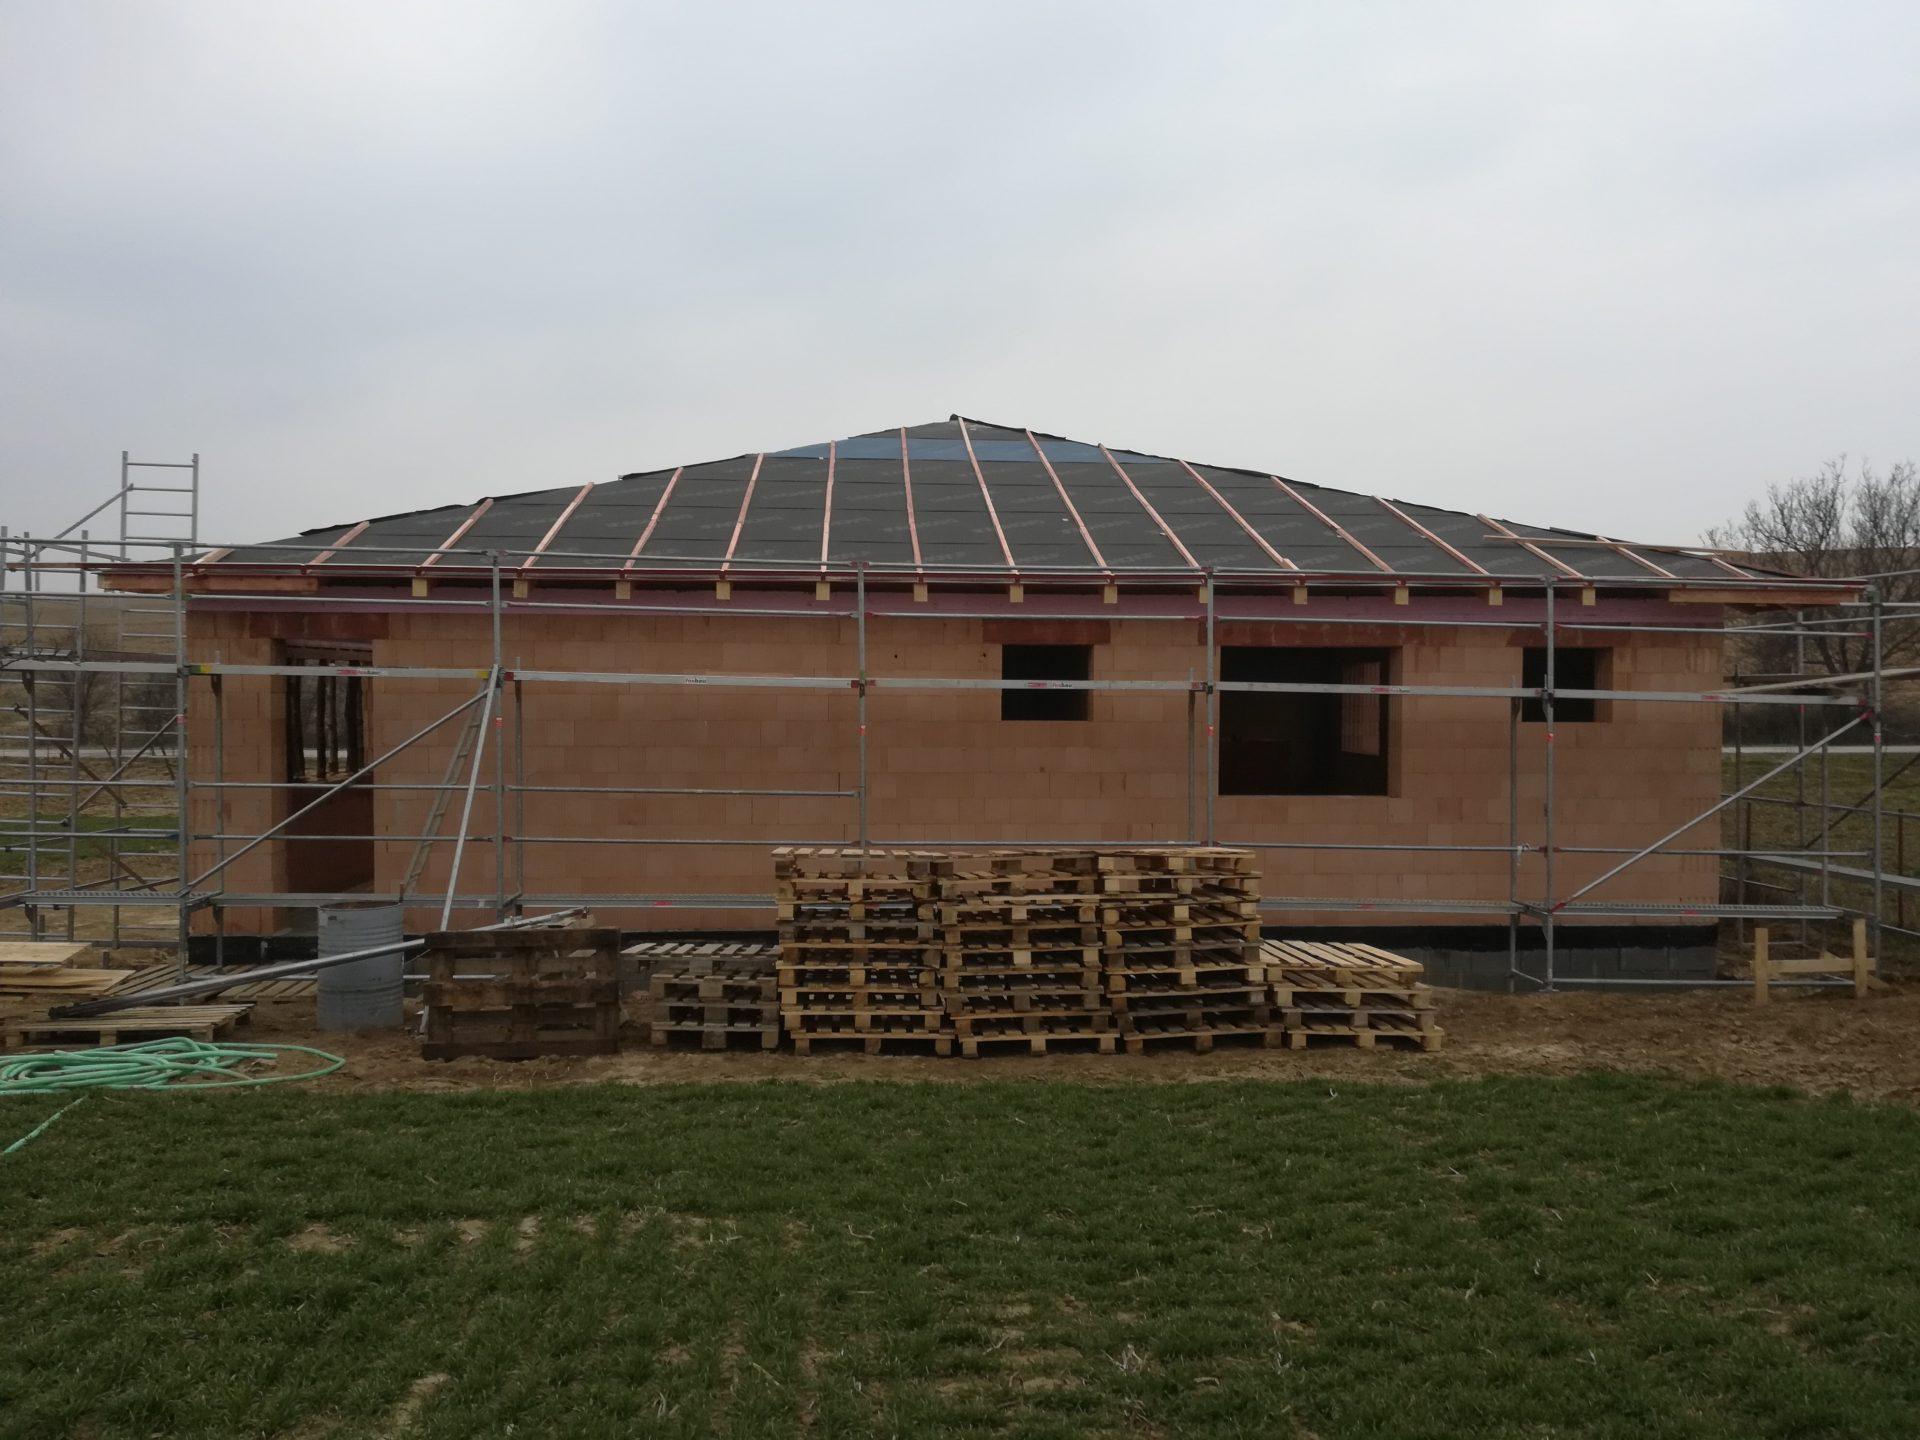 tehly-lesenie-dom-rodinny-dom-stavba-tepelne-straty